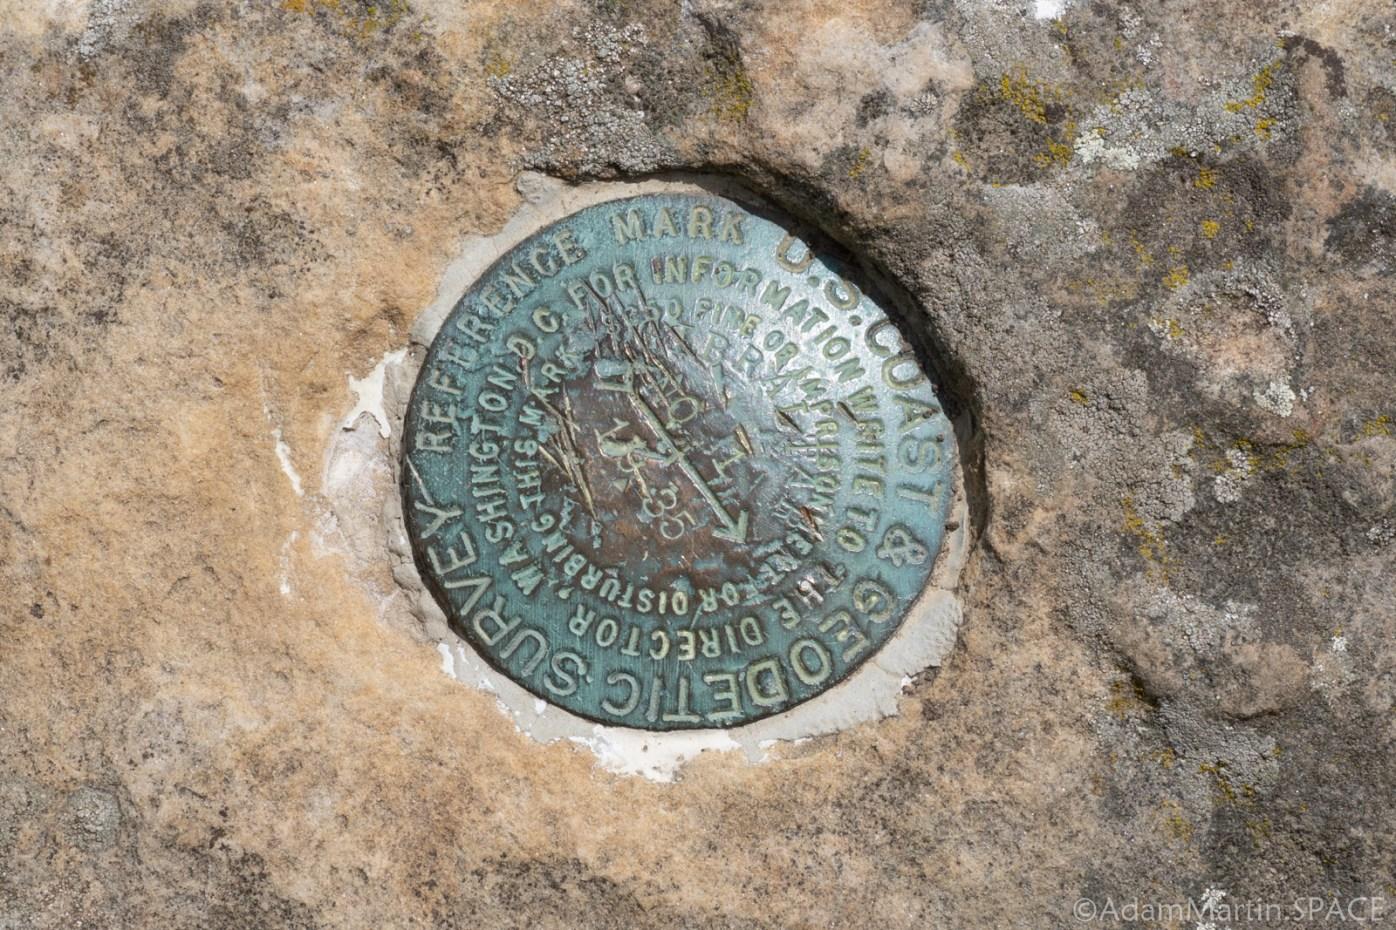 Gibraltar Rock State Natural Area - USGS Marker